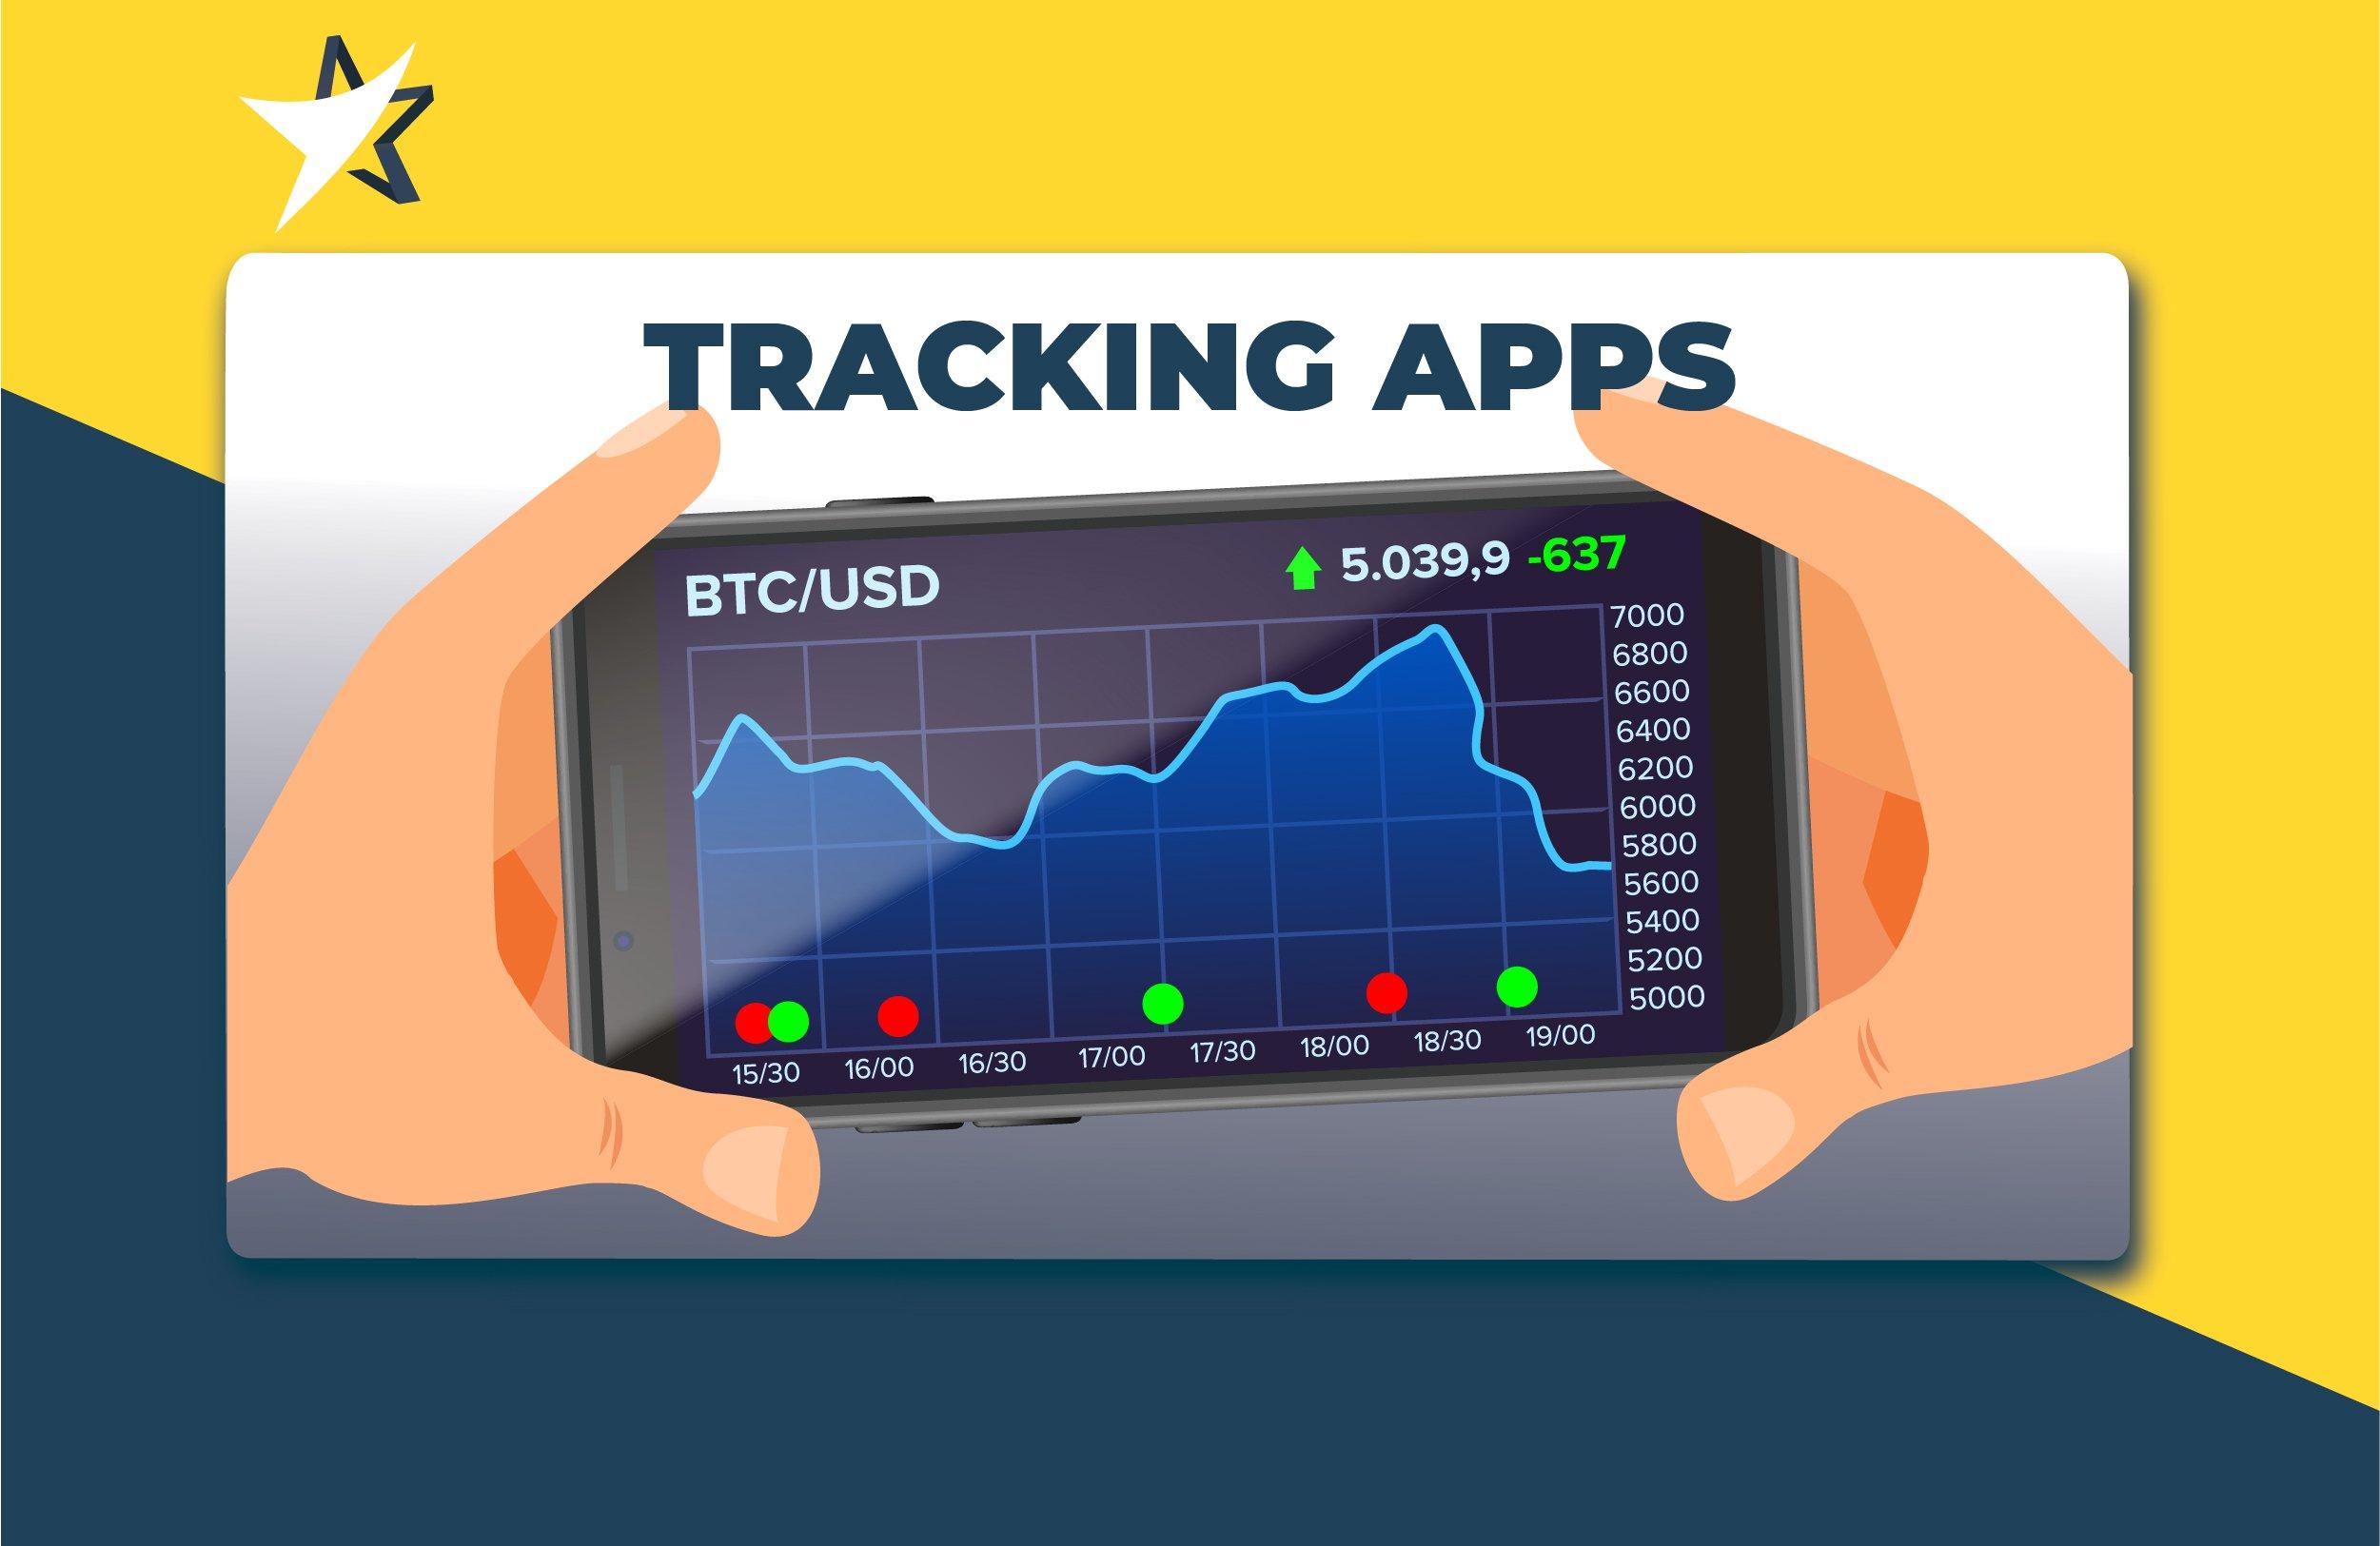 Tracking App là gì? Giới thiệu những app xem giá Bitcoin - BitcoinVN News